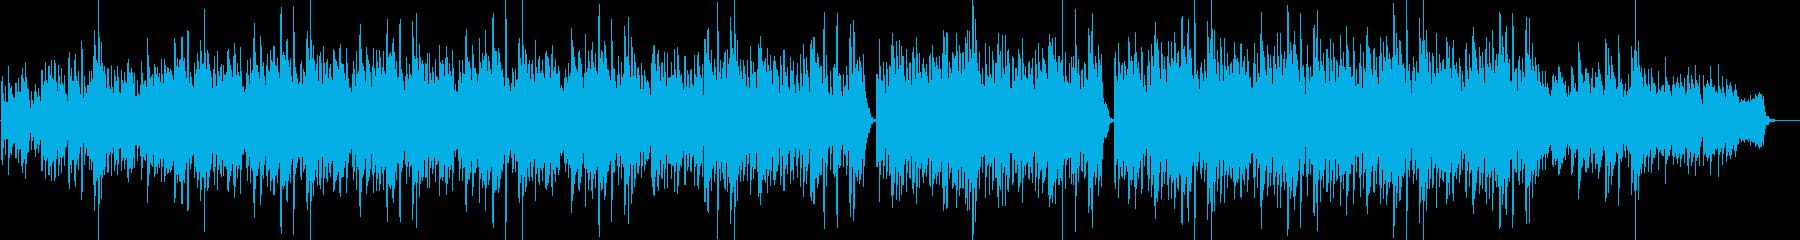 幸せ・優しい・穏やか・感動系のBGMの再生済みの波形